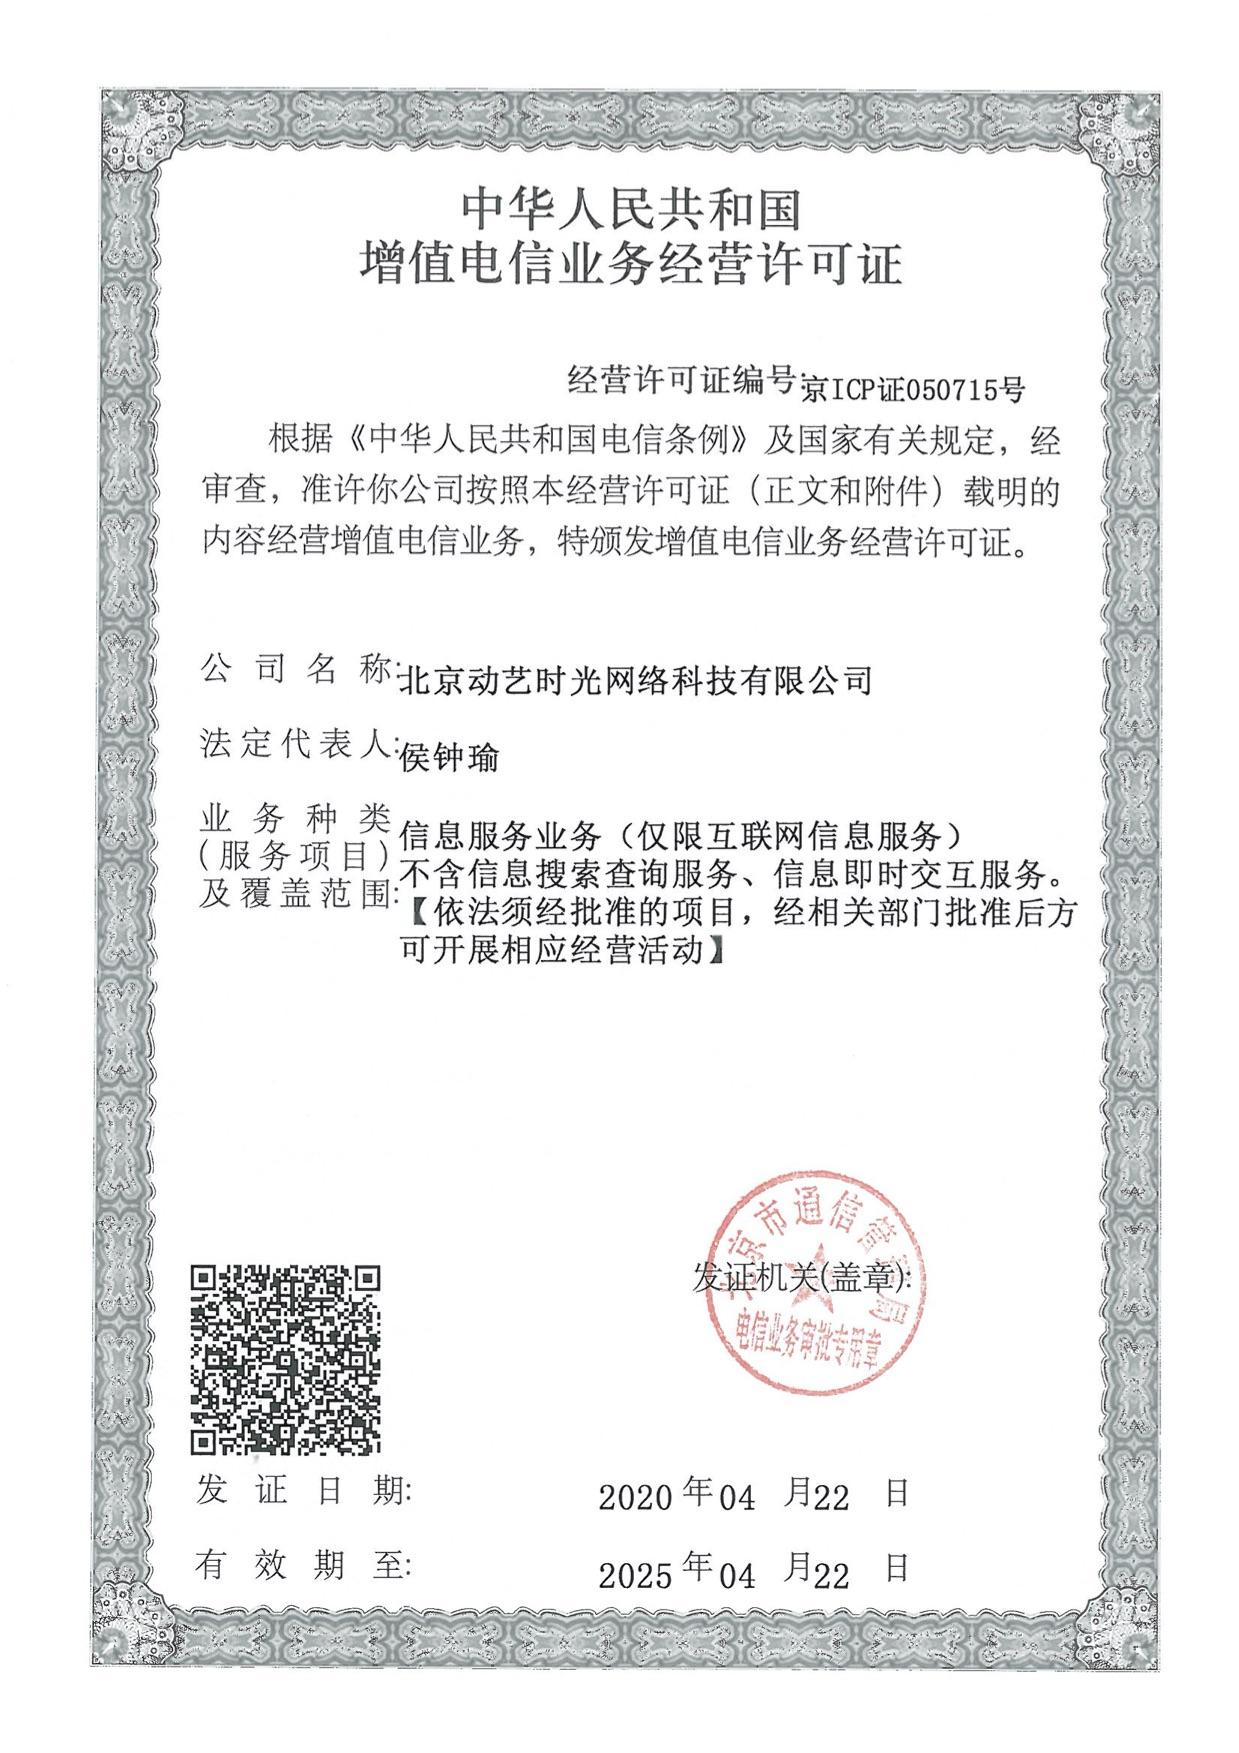 京ICP证050715号